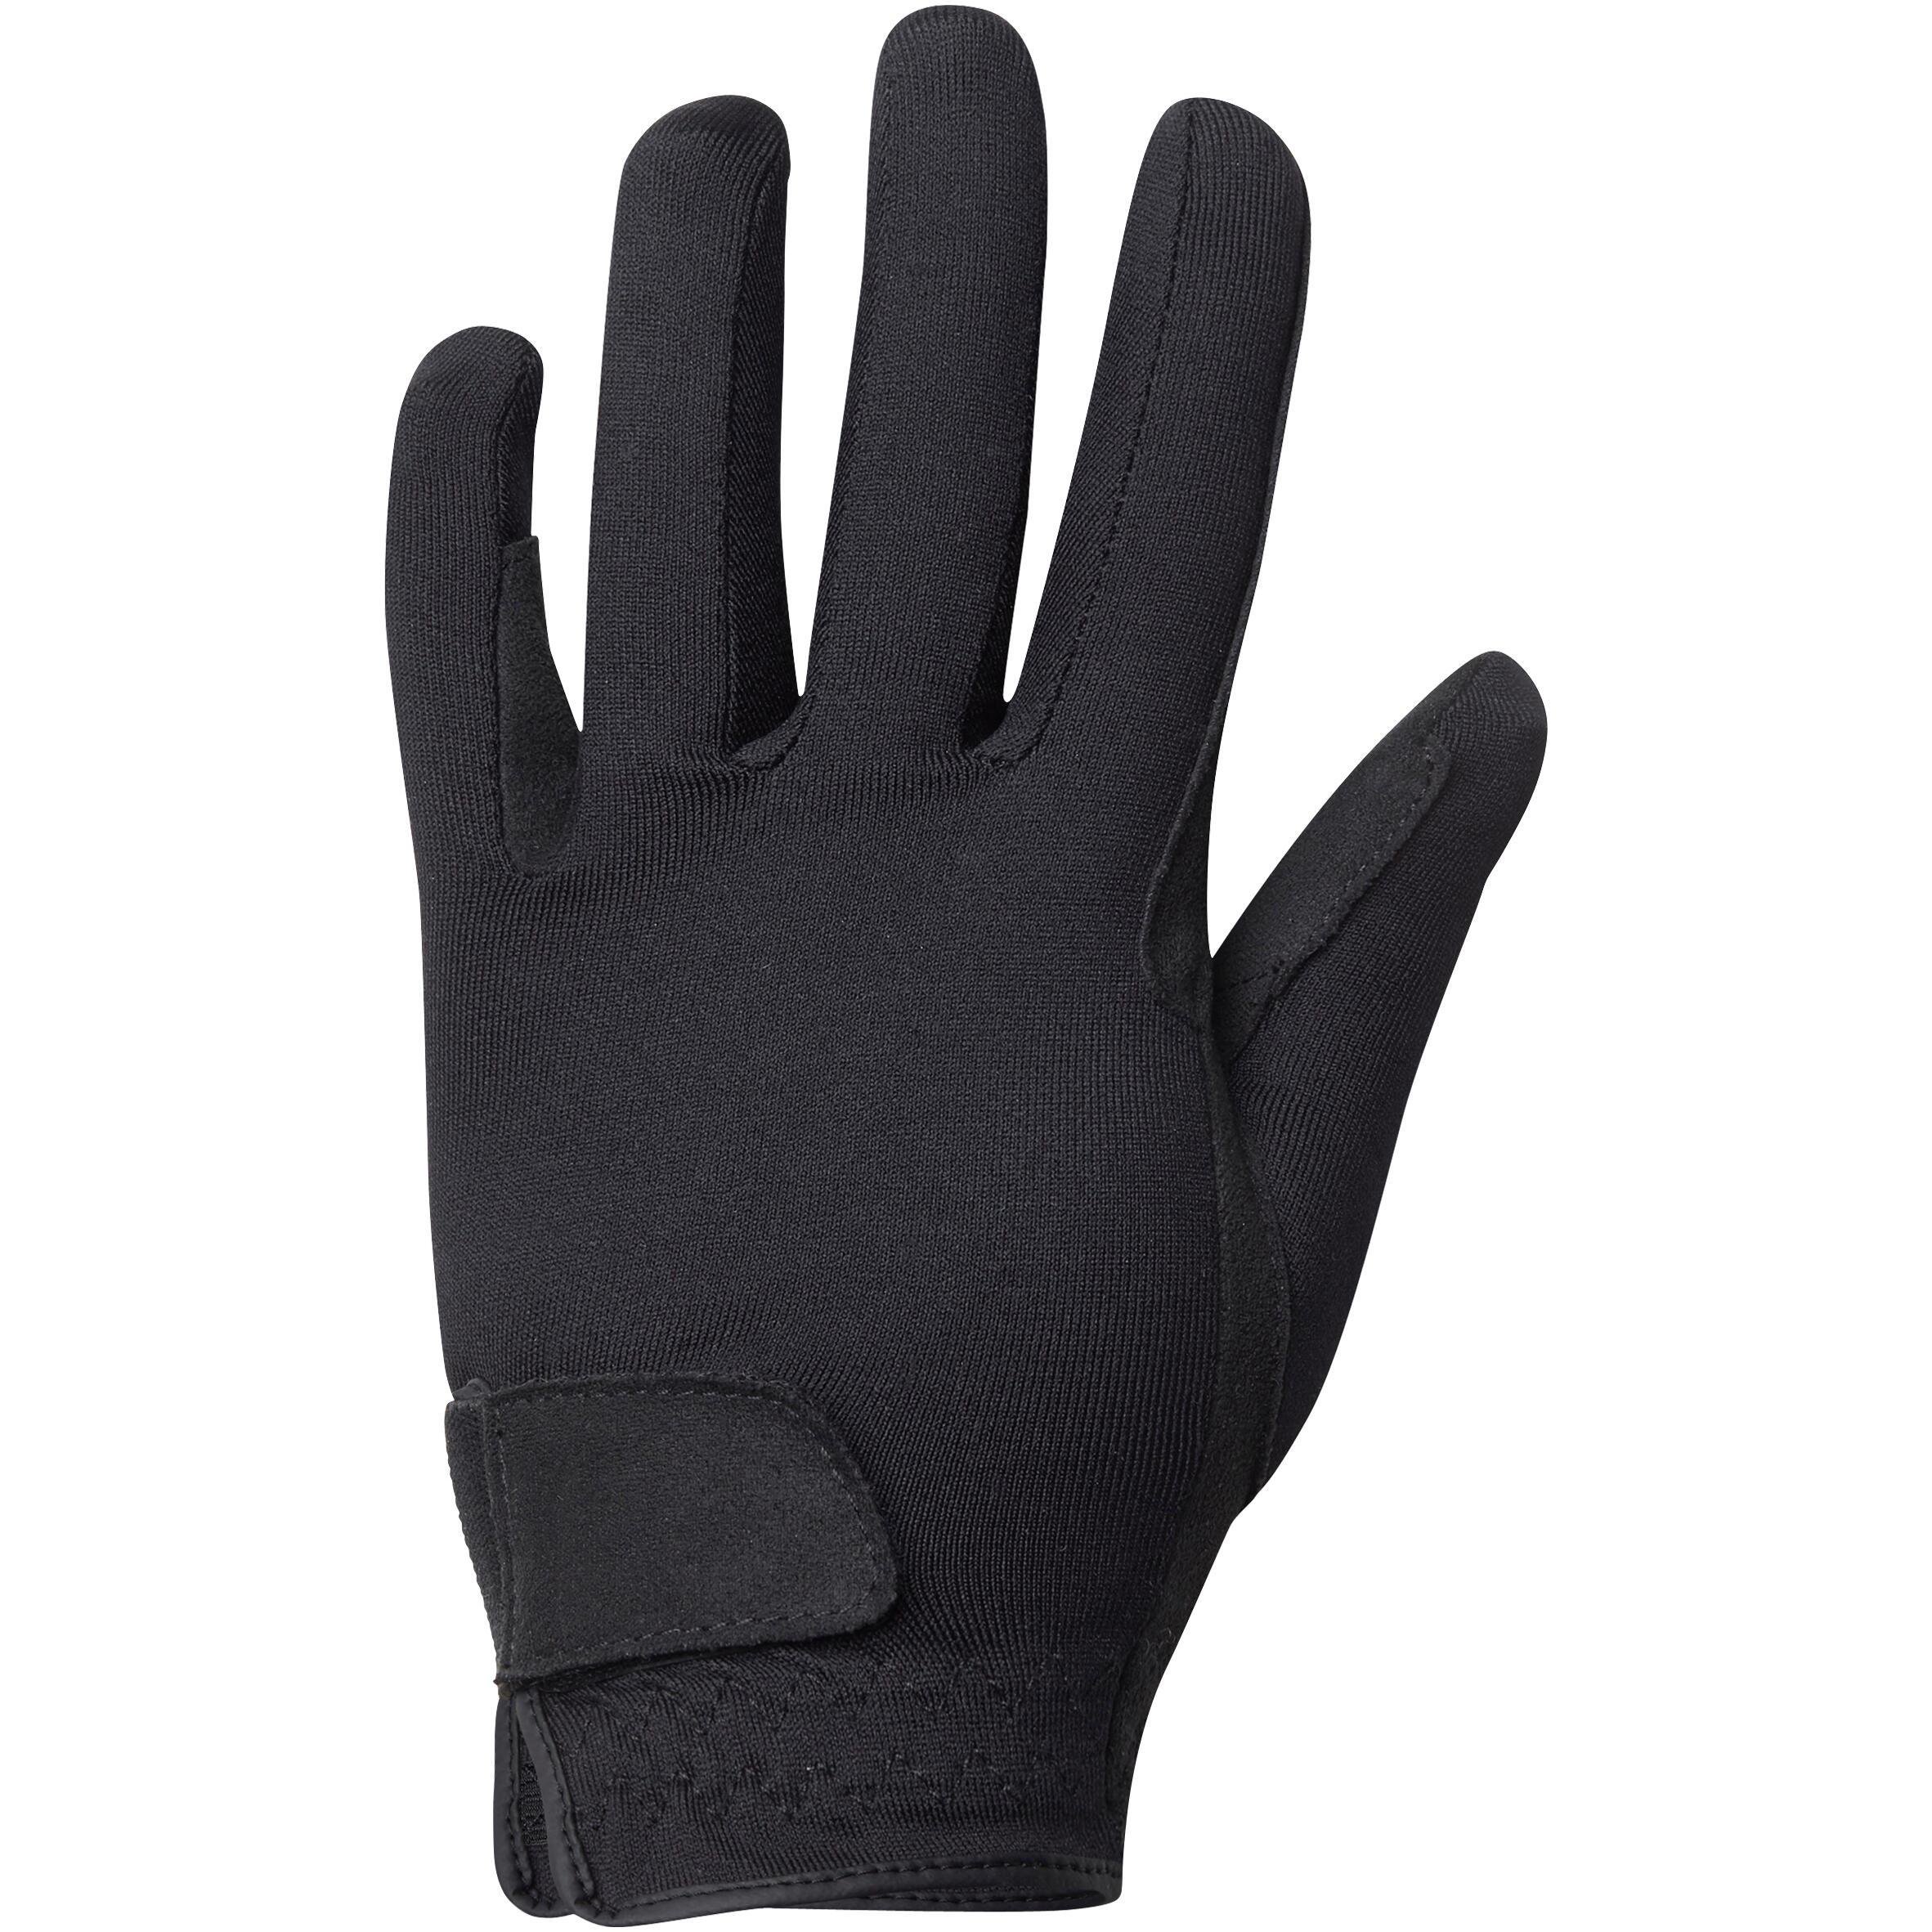 Basic Children's Horse Riding Gloves - Hitam